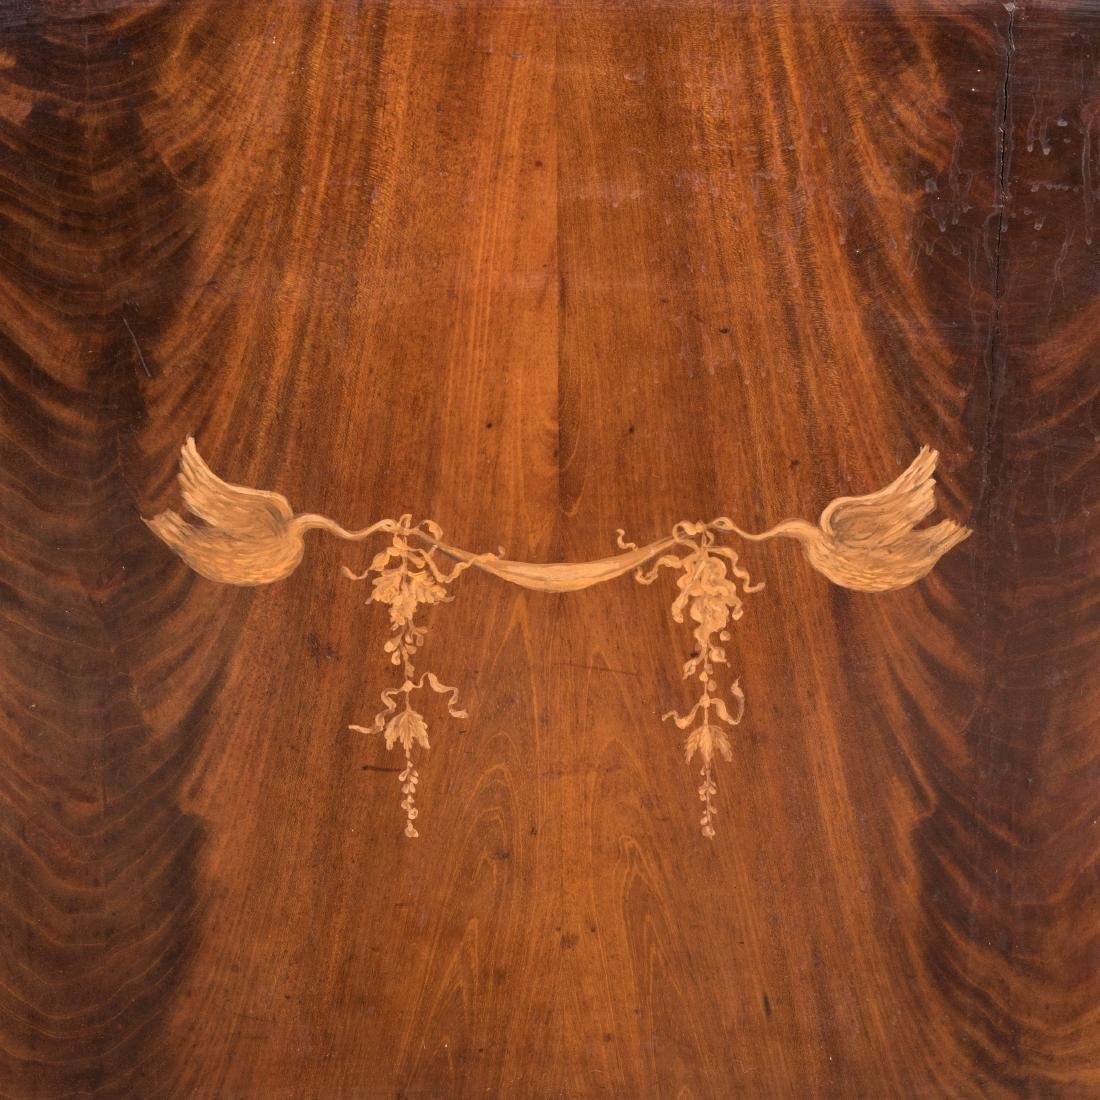 Inlaid Mahogany Antique Cabinet - 6